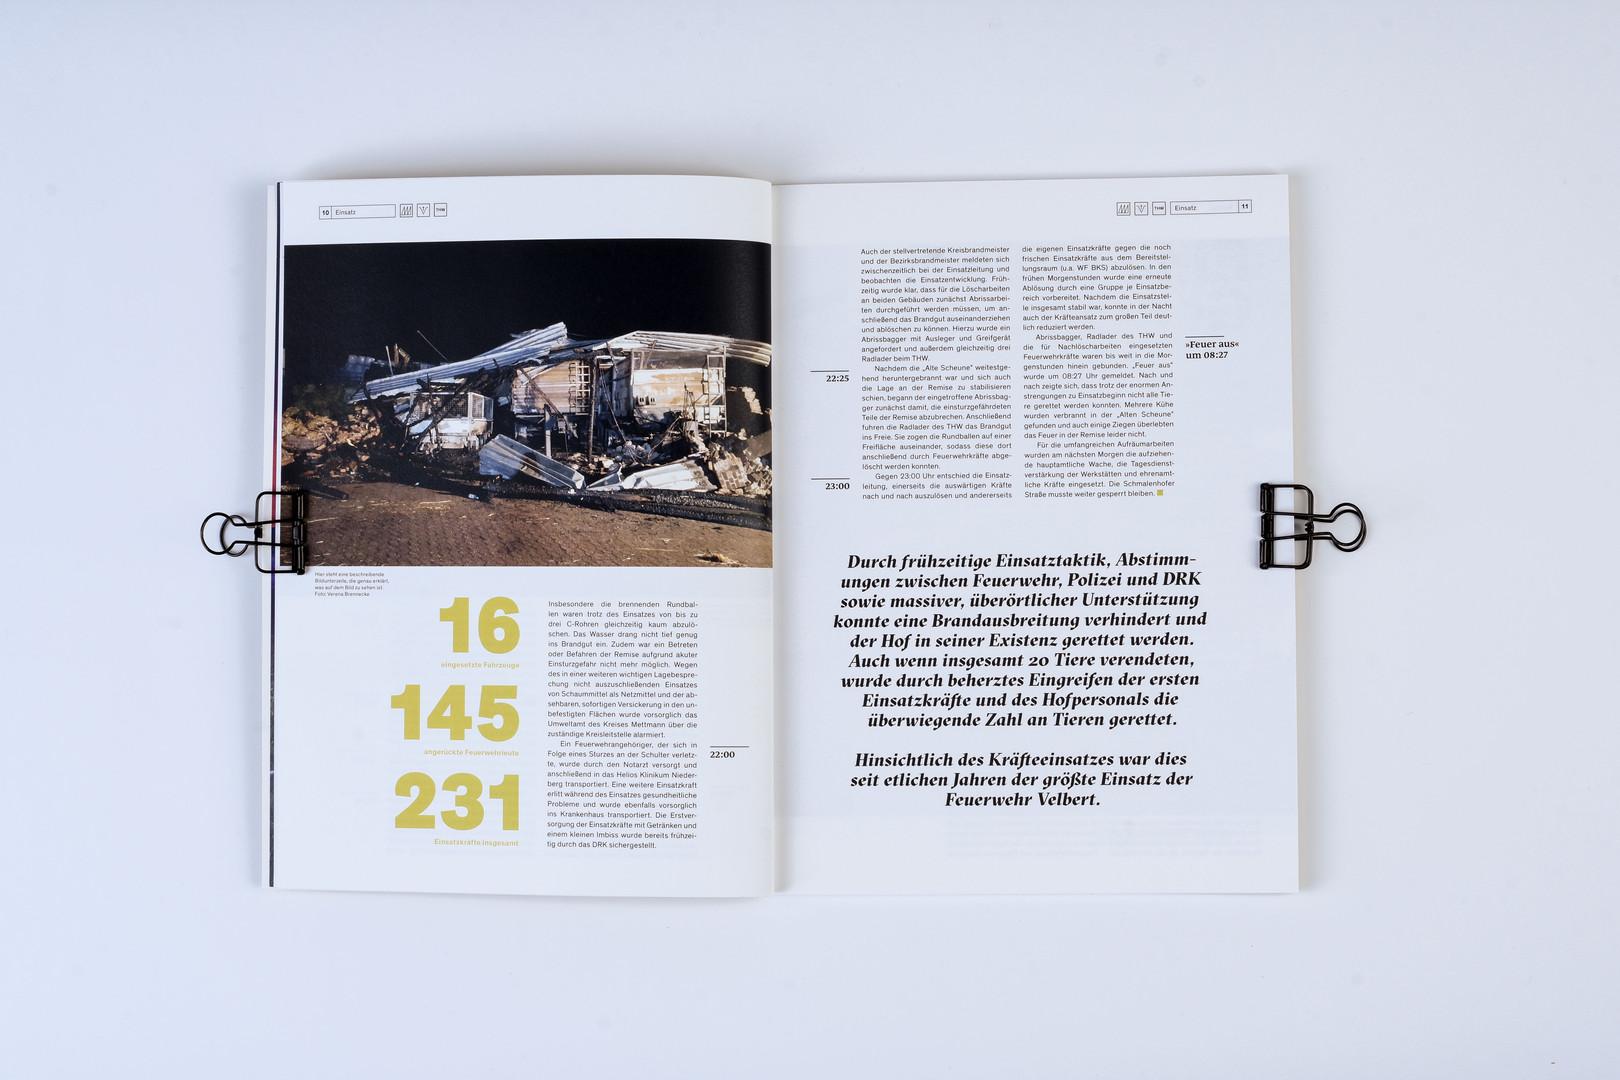 VB_einseinszwei_Magazin_Flatlay_03.jpg